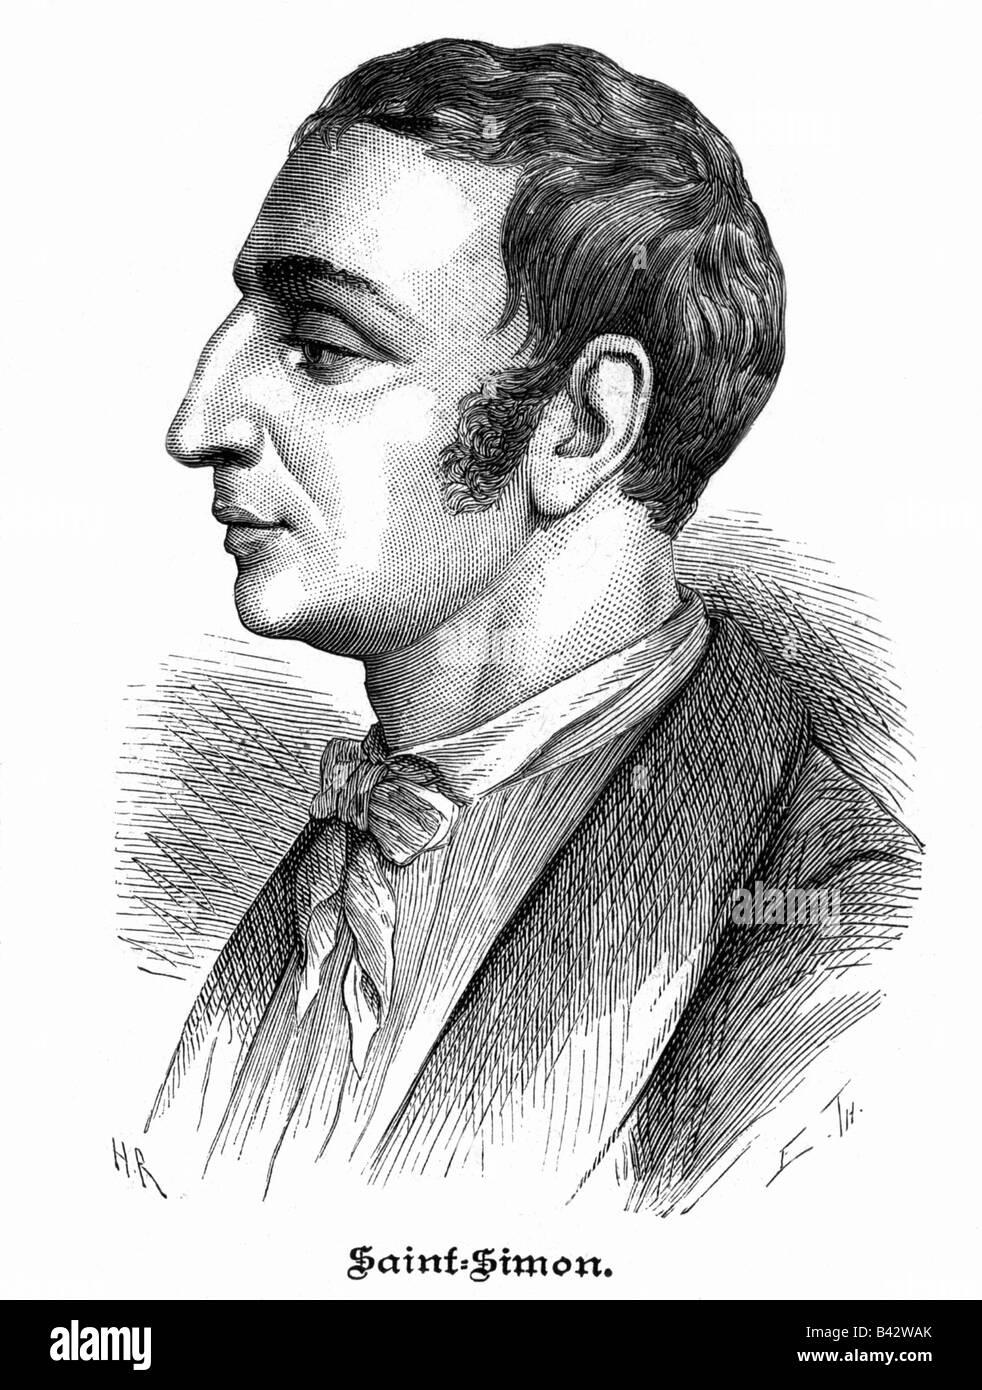 Saint-Simon, Claude Henri Comte de, 17.10.1760 - 19.5.1825, French philospher, portrait, wood engraving after lithograph - Stock Image